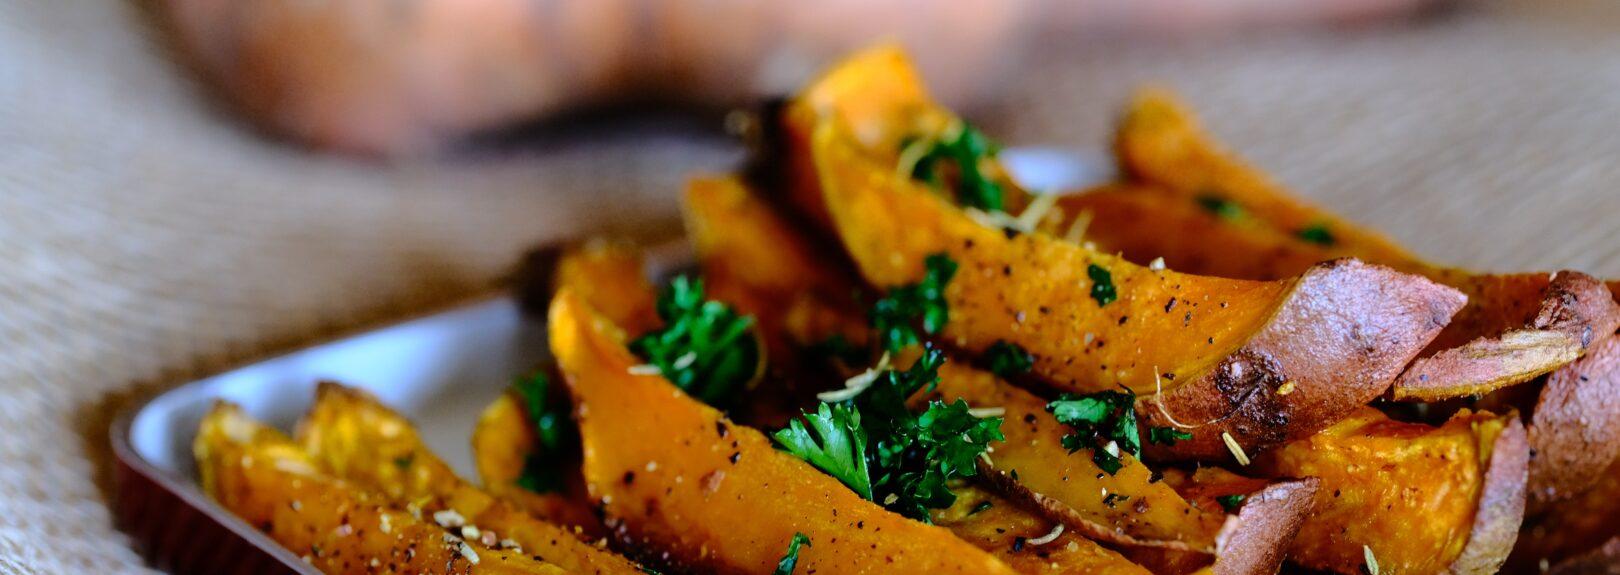 Recepty ze sladkých brambor, batátů